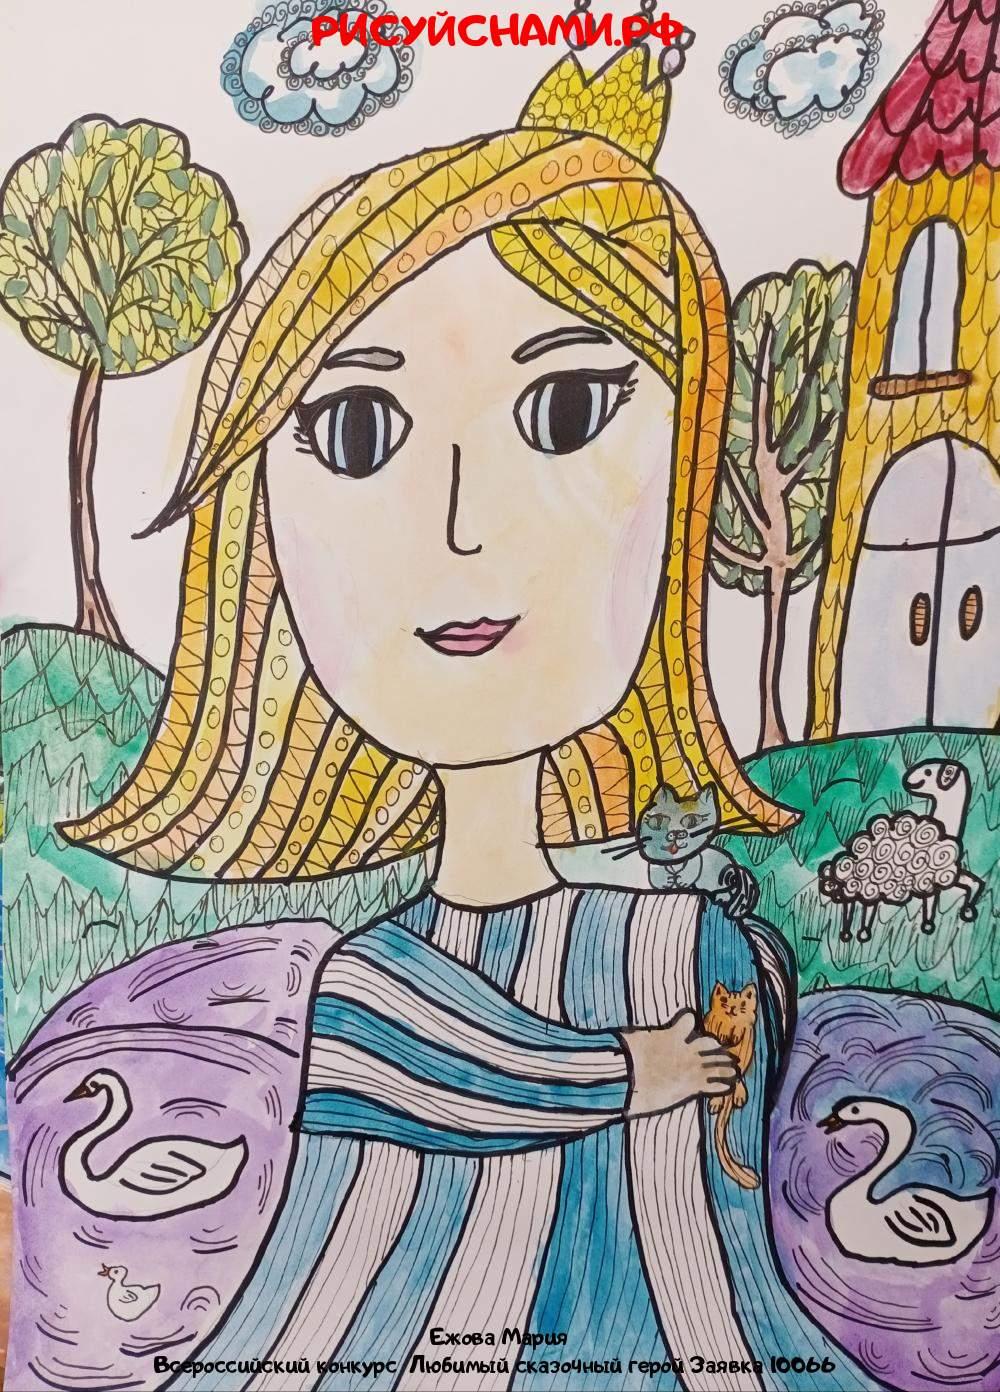 Всероссийский конкурс  Любимый сказочный герой Заявка 10066  творческие конкурсы рисунков для школьников и дошкольников рисуй с нами #тмрисуйснами рисунок и поделка - Ежова Мария